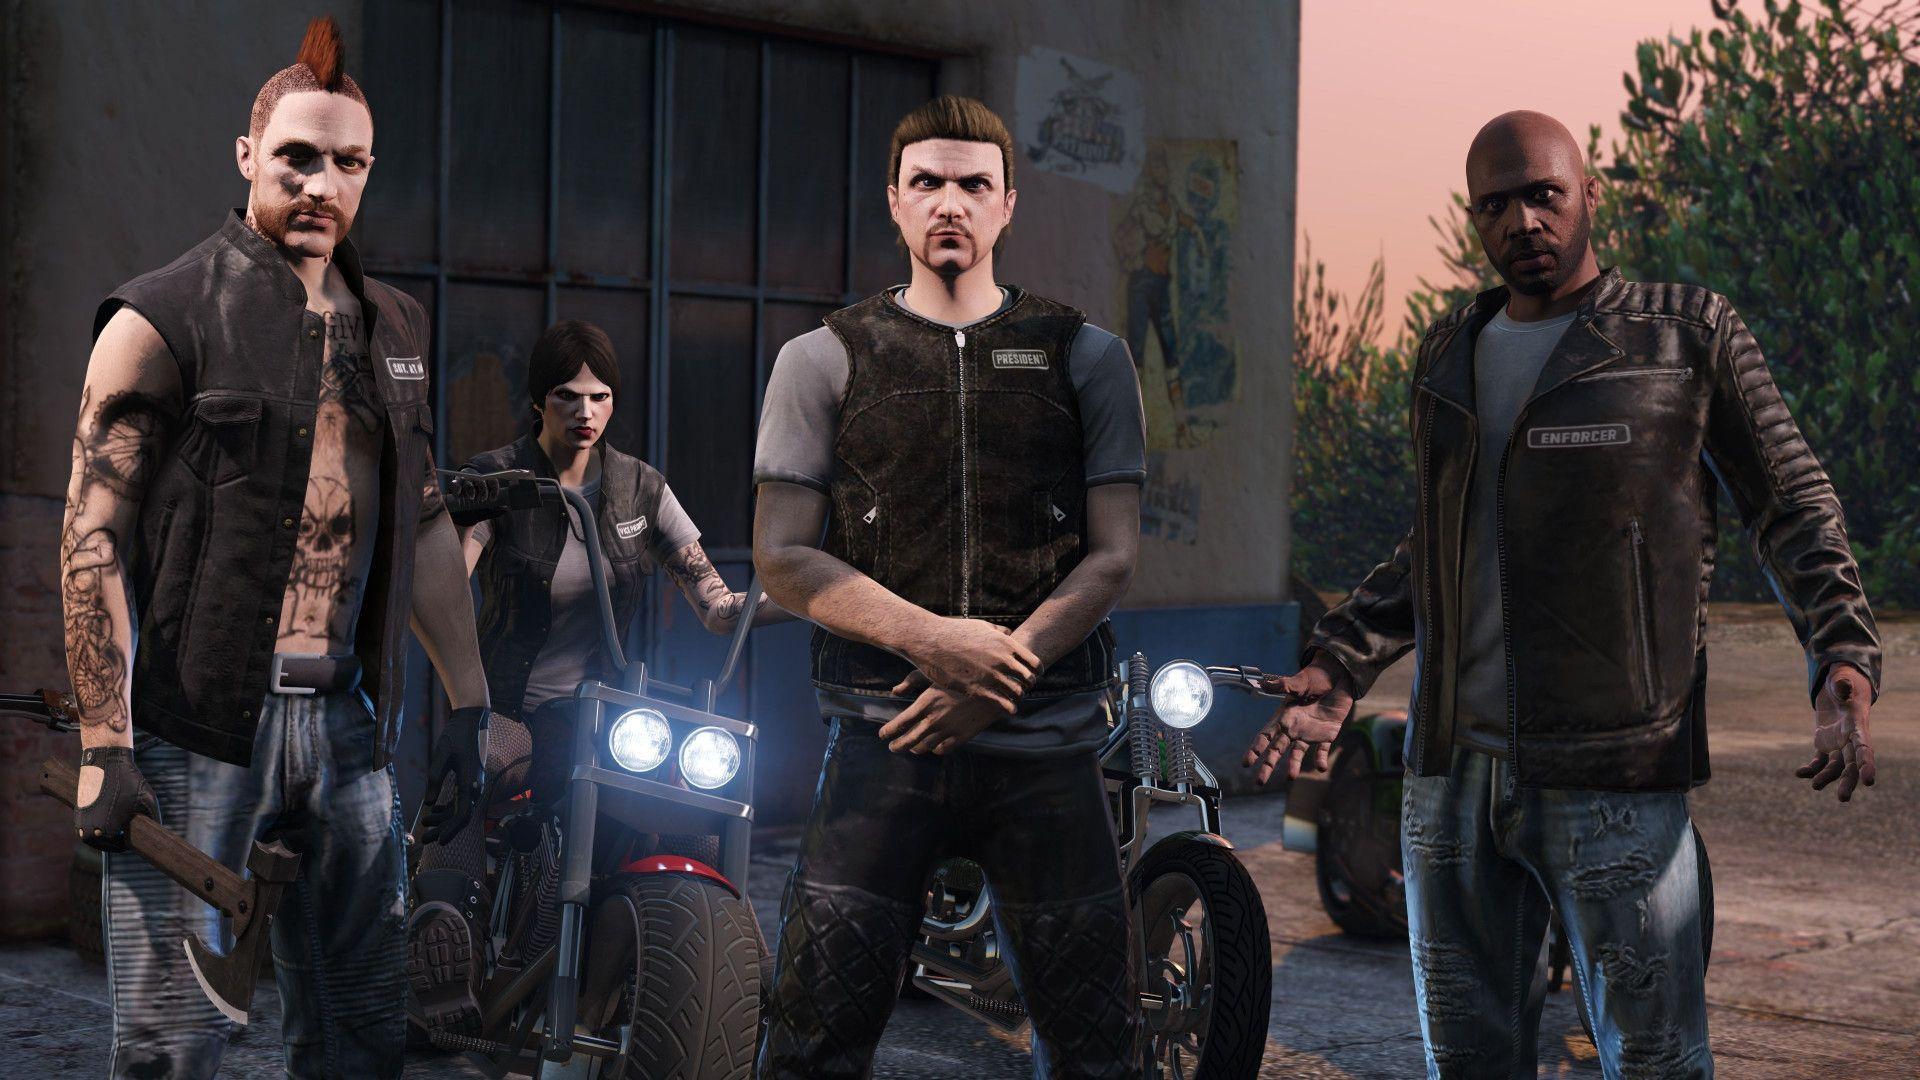 Bikers в GTA Online: Как создать мотоклуб, стать президентом и заработать денег?